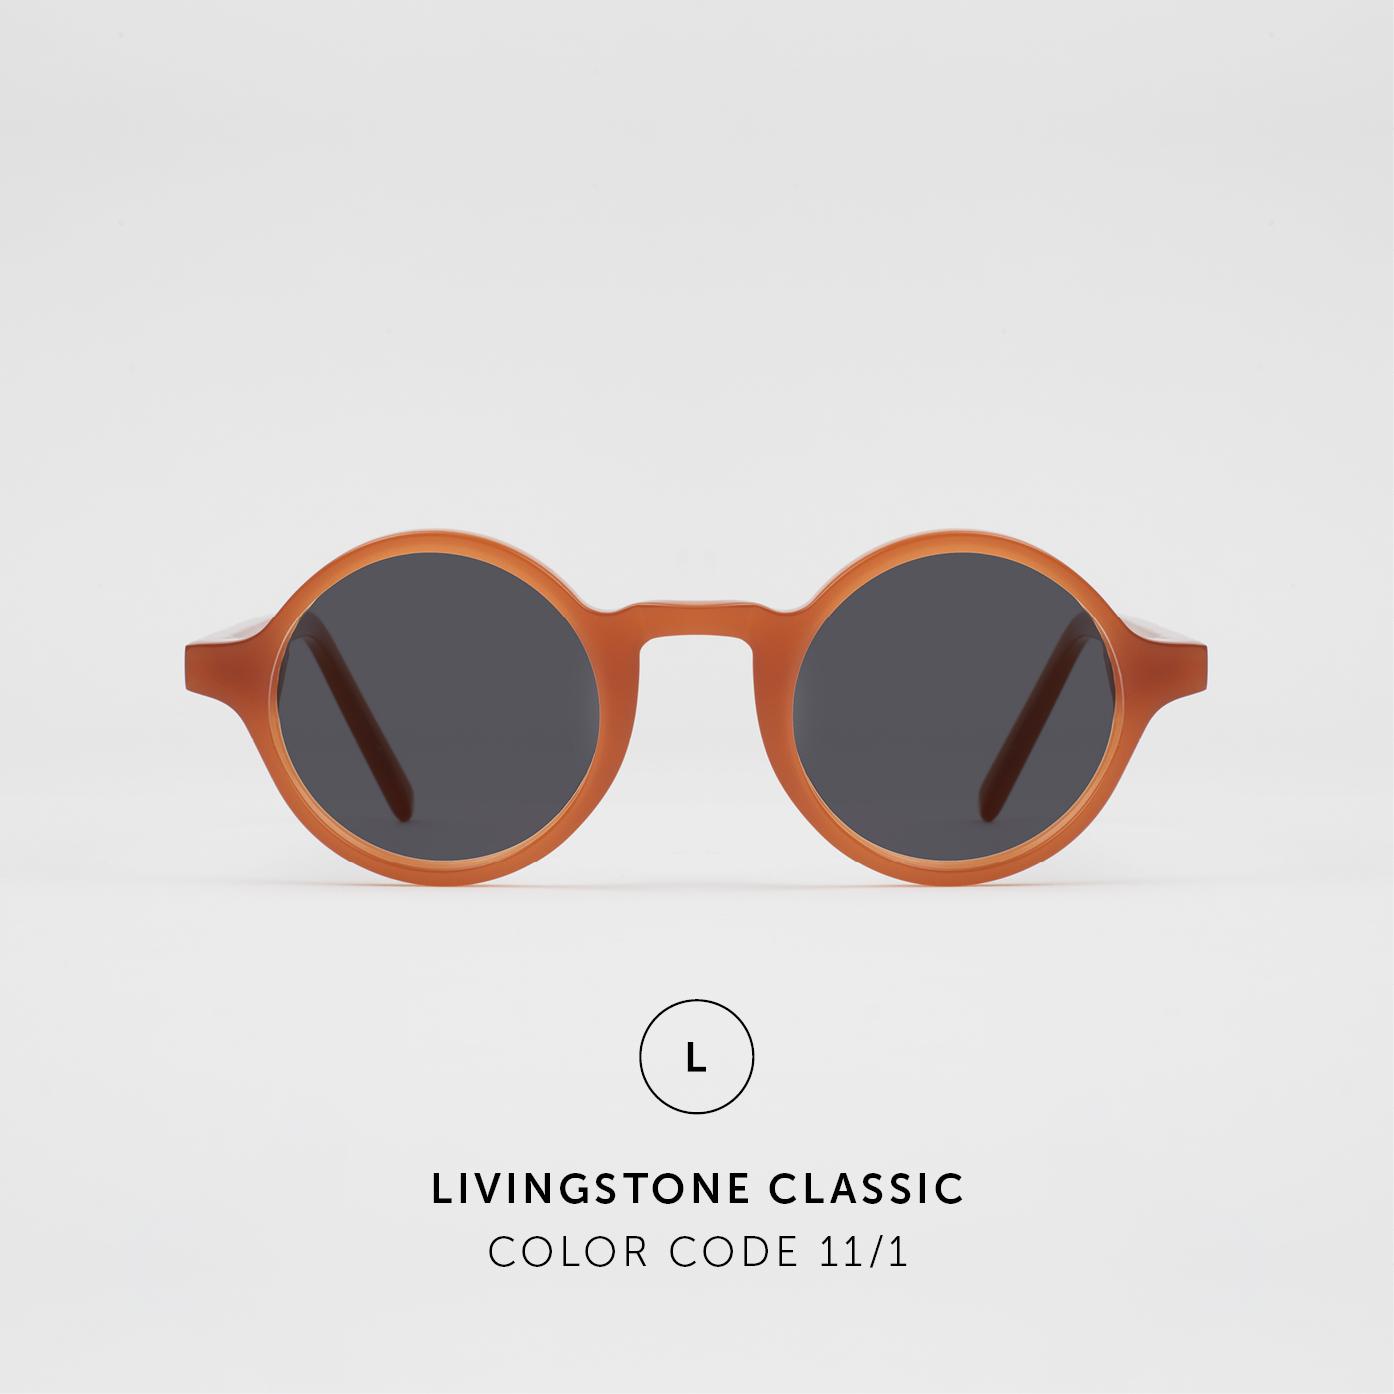 LivingstoneClassic51.jpg